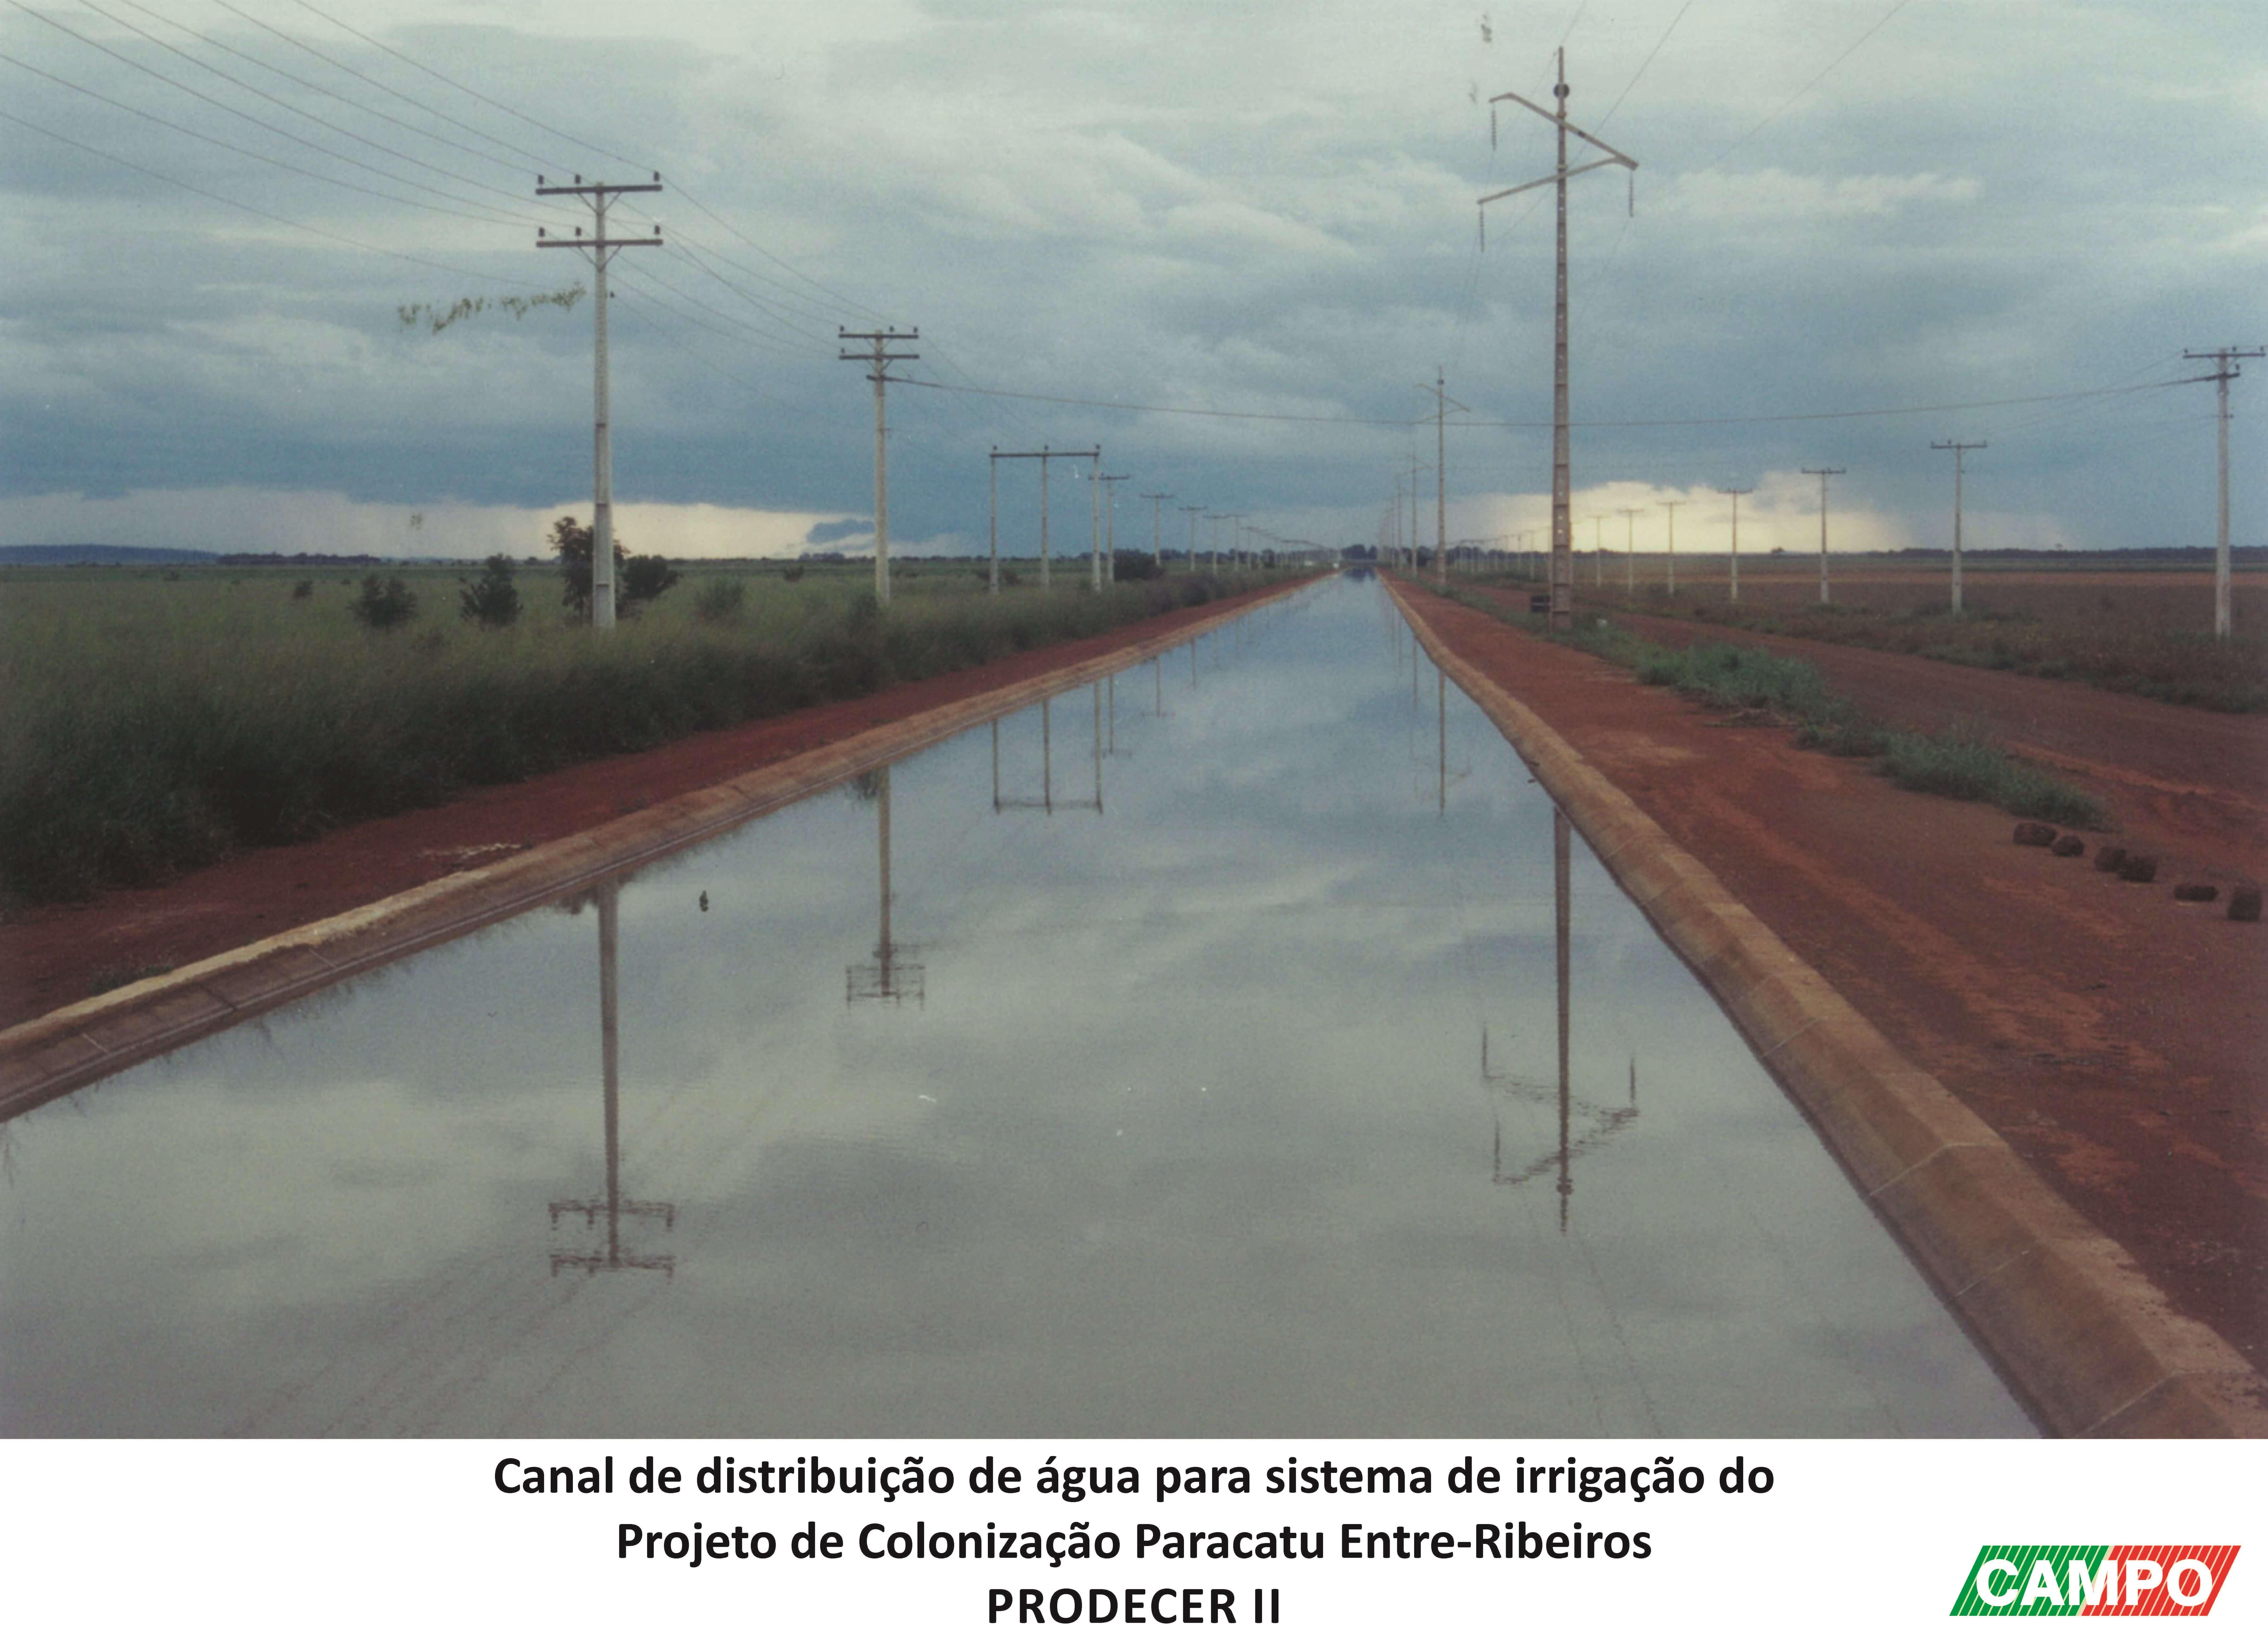 Campo-fotos_Página_10